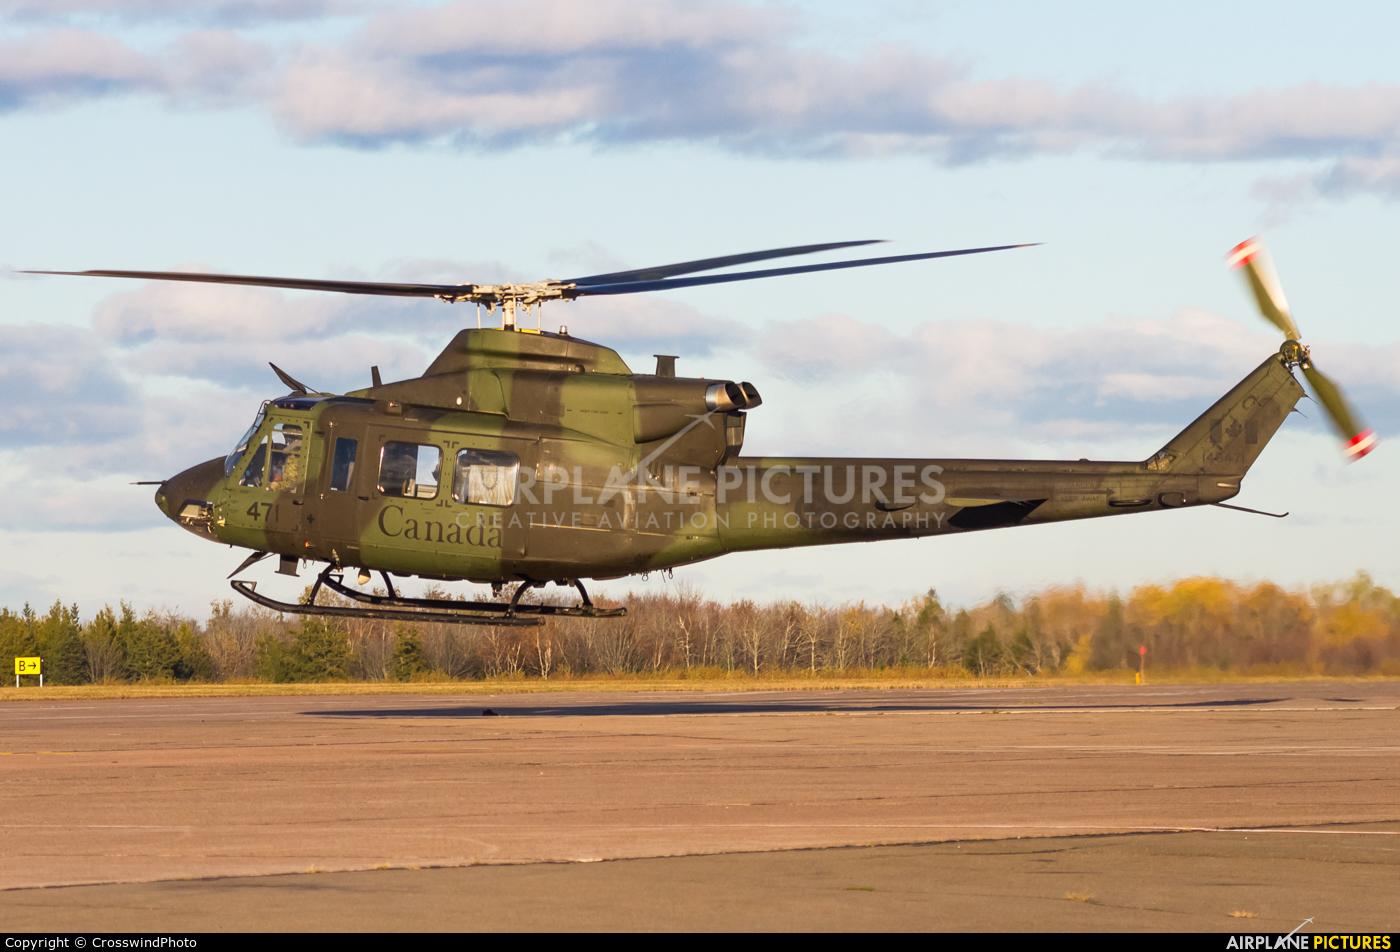 Canada - Air Force 146471 aircraft at